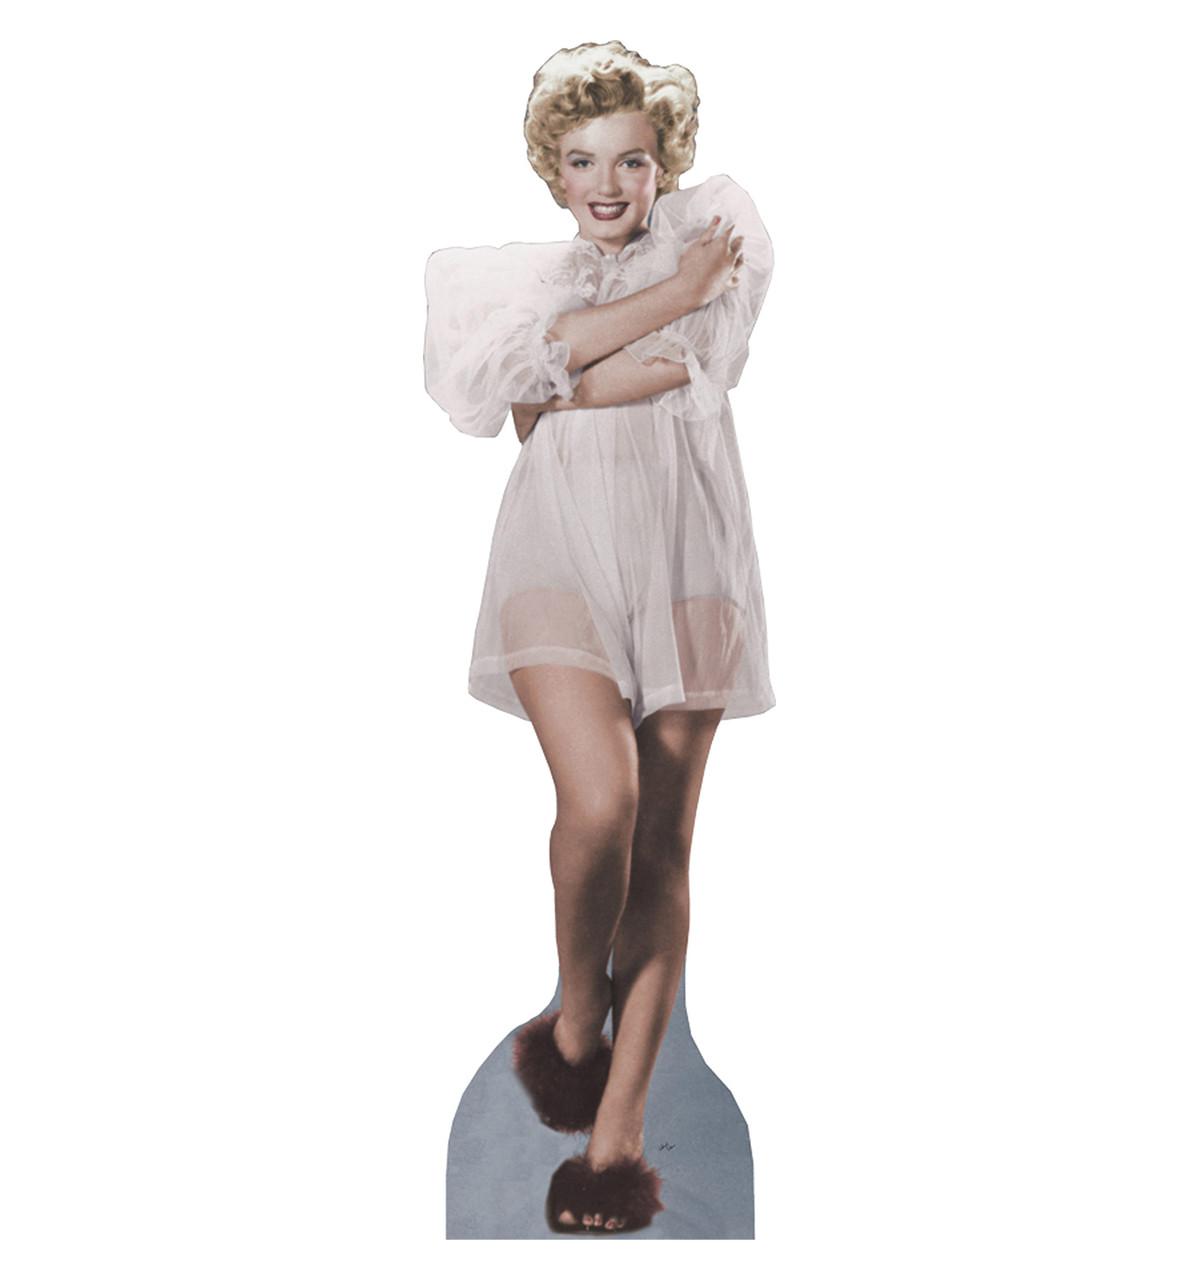 Marilyn - Nightie - Cardboard Cutout 360